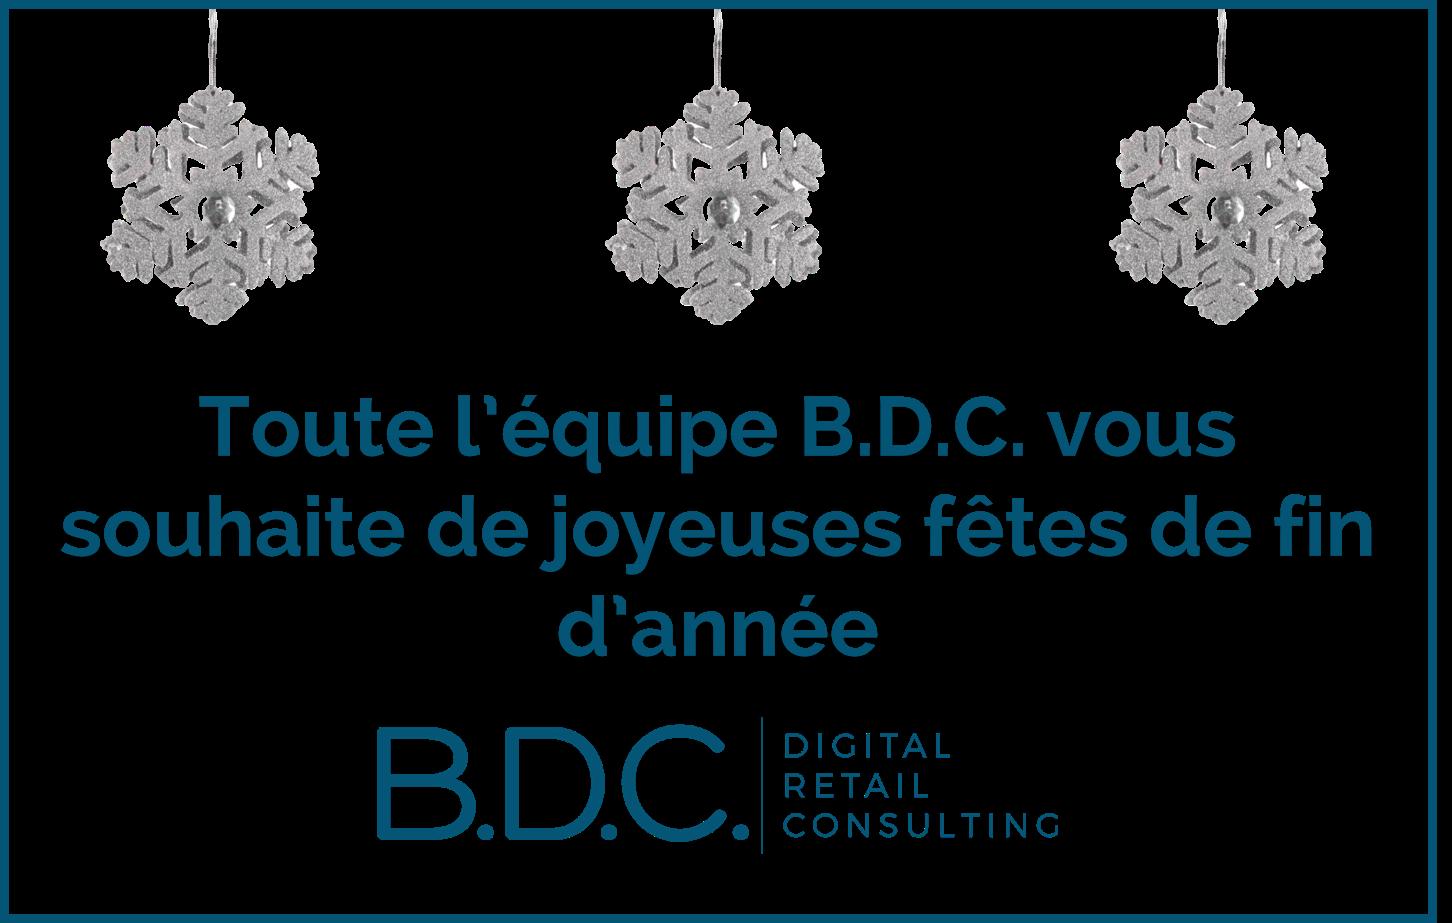 Noël B.D.C. - JOYEUSES FÊTES DE FIN D'ANNÉE !